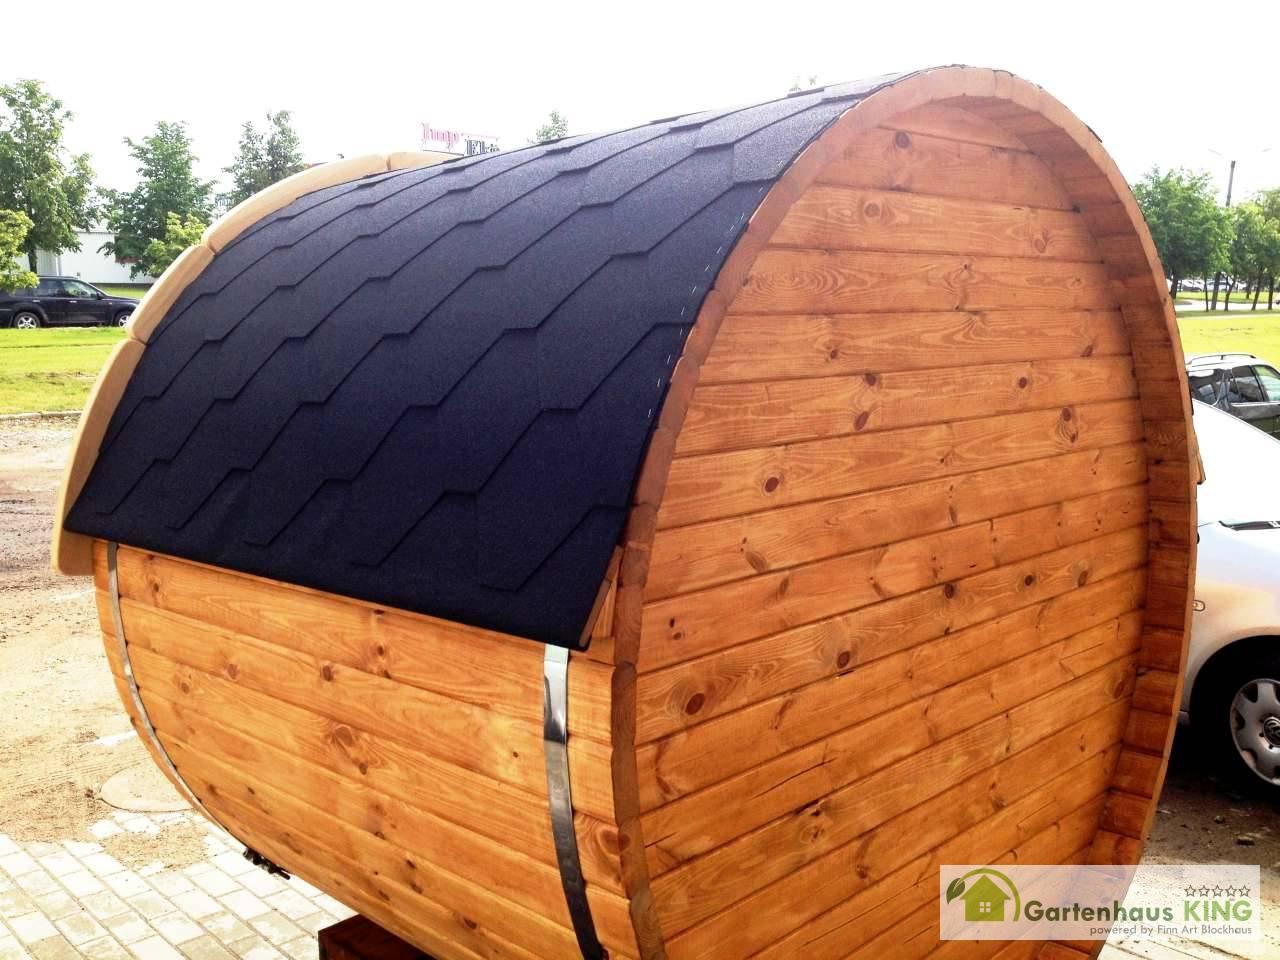 Finn Art Fass Sauna Premium 170 197 Thermoholz Gartenhaus King De